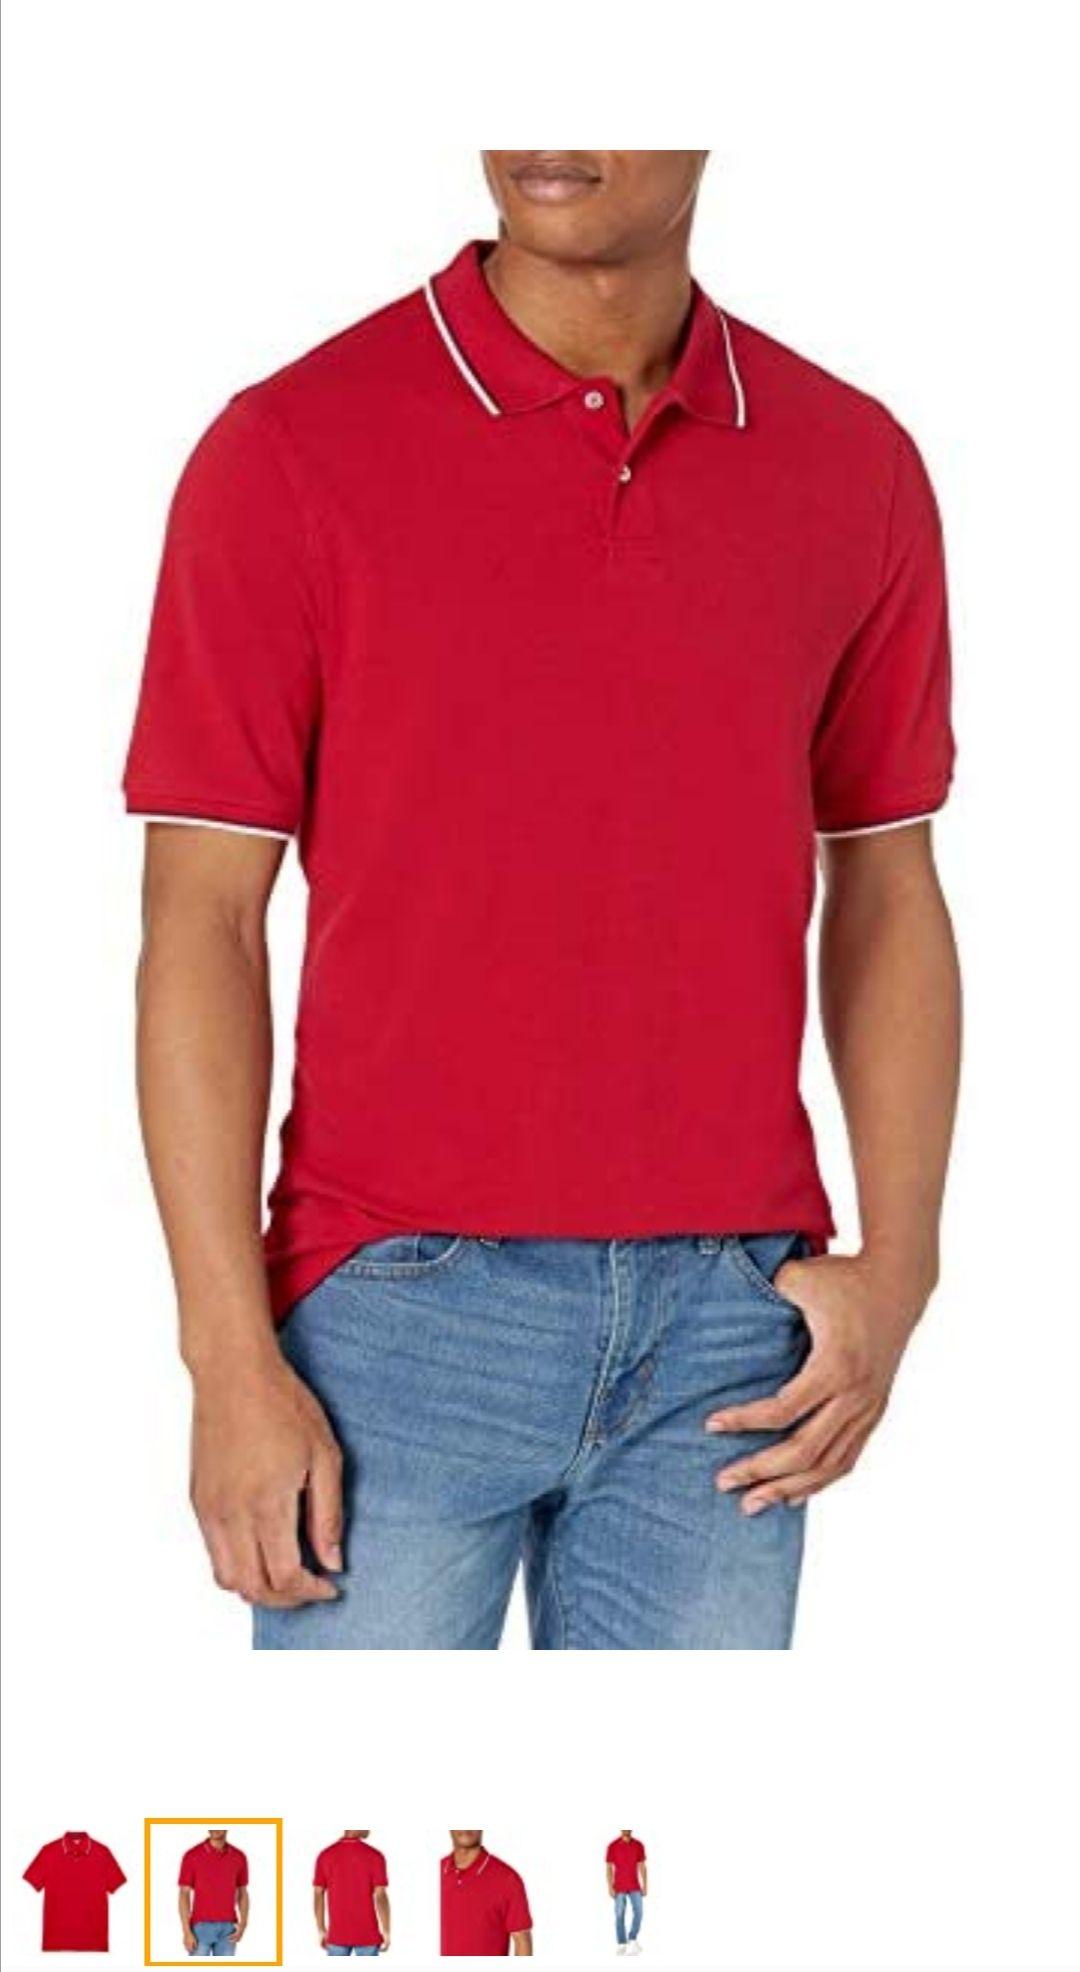 Amazon:;Playera Amazon essentials talla XS solo color Rojo.